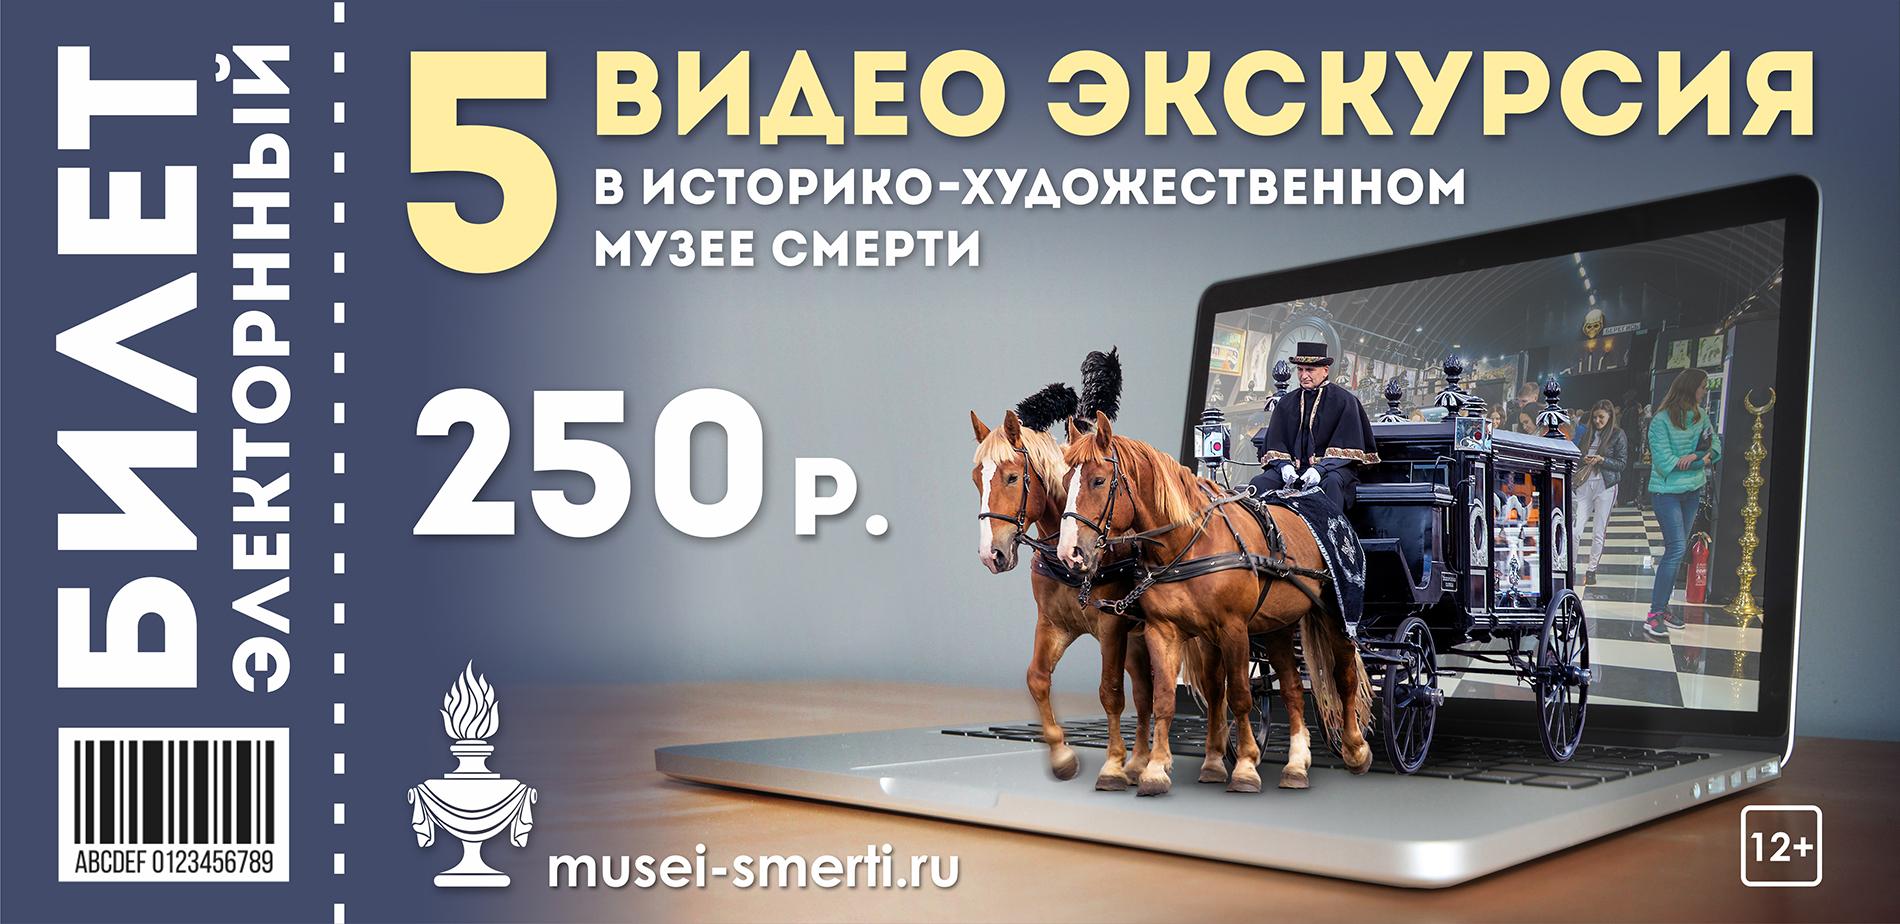 Купить билет Видеоэкскурсия №5